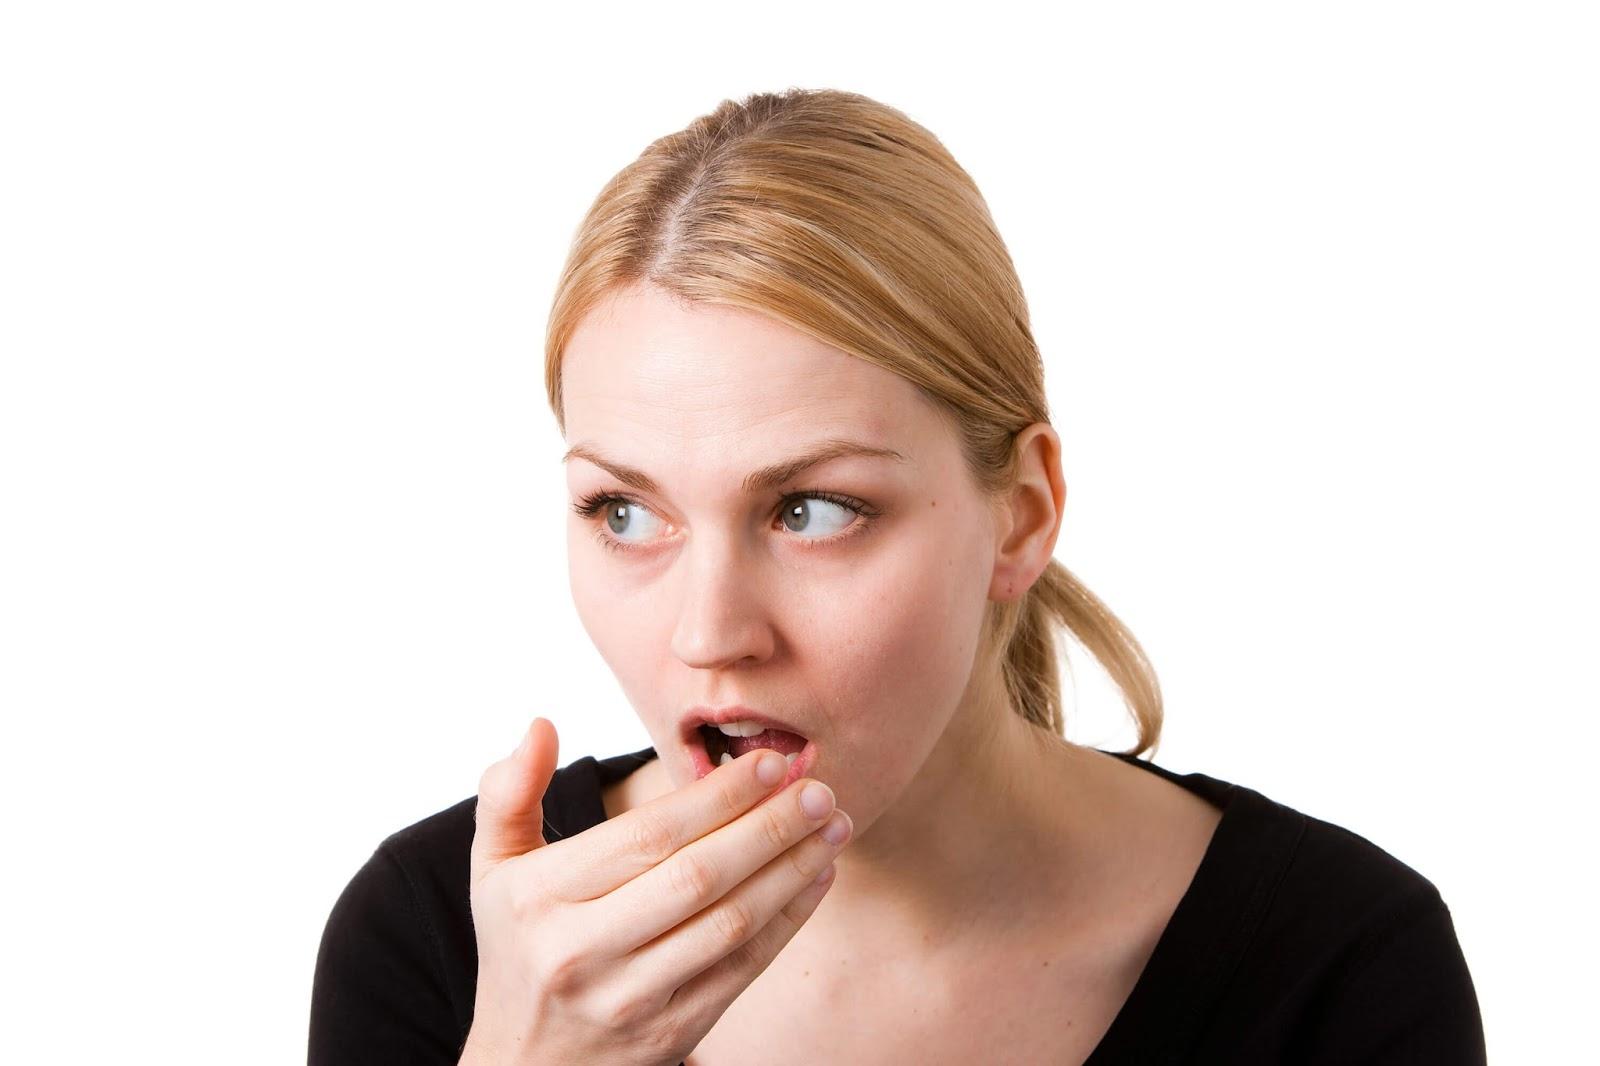 تخلصي من رائحة الفم والعرق بوصفة بيكربونات الصوديوم !